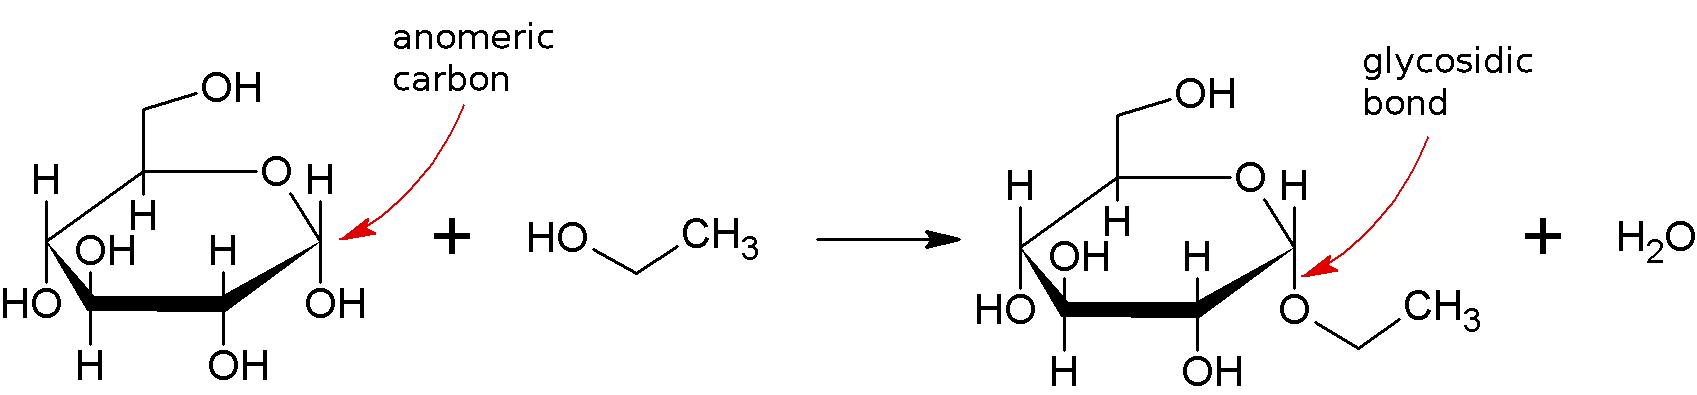 Glycosidic bond - wikidoc